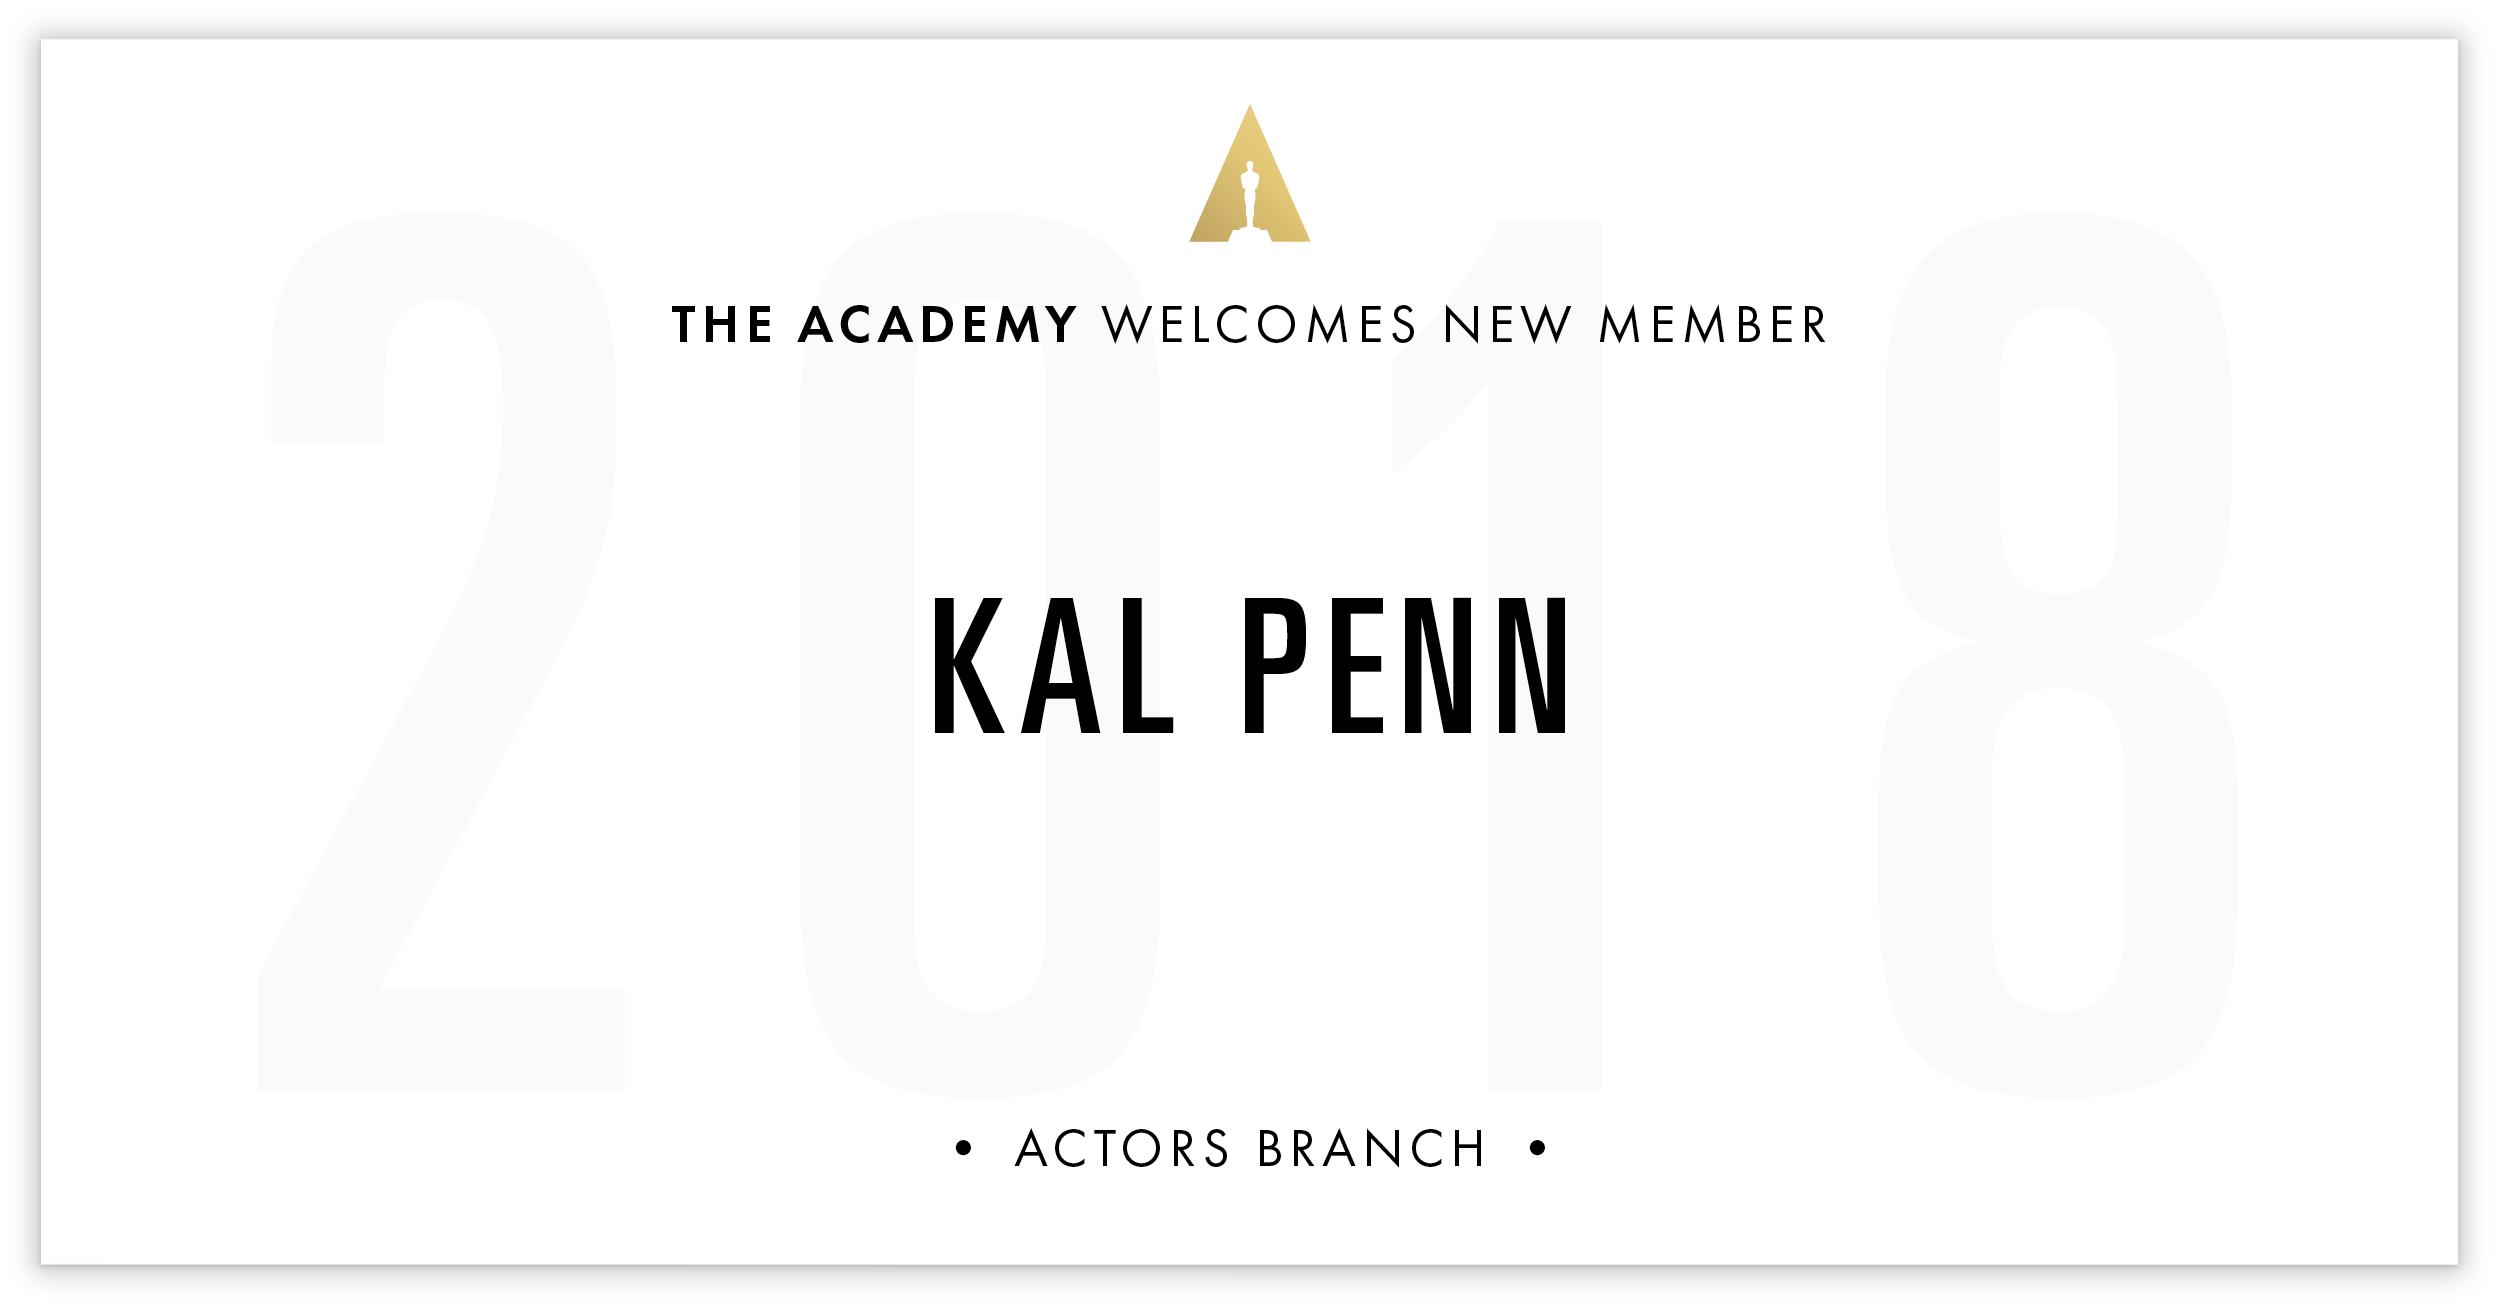 Kal Penn is invited!